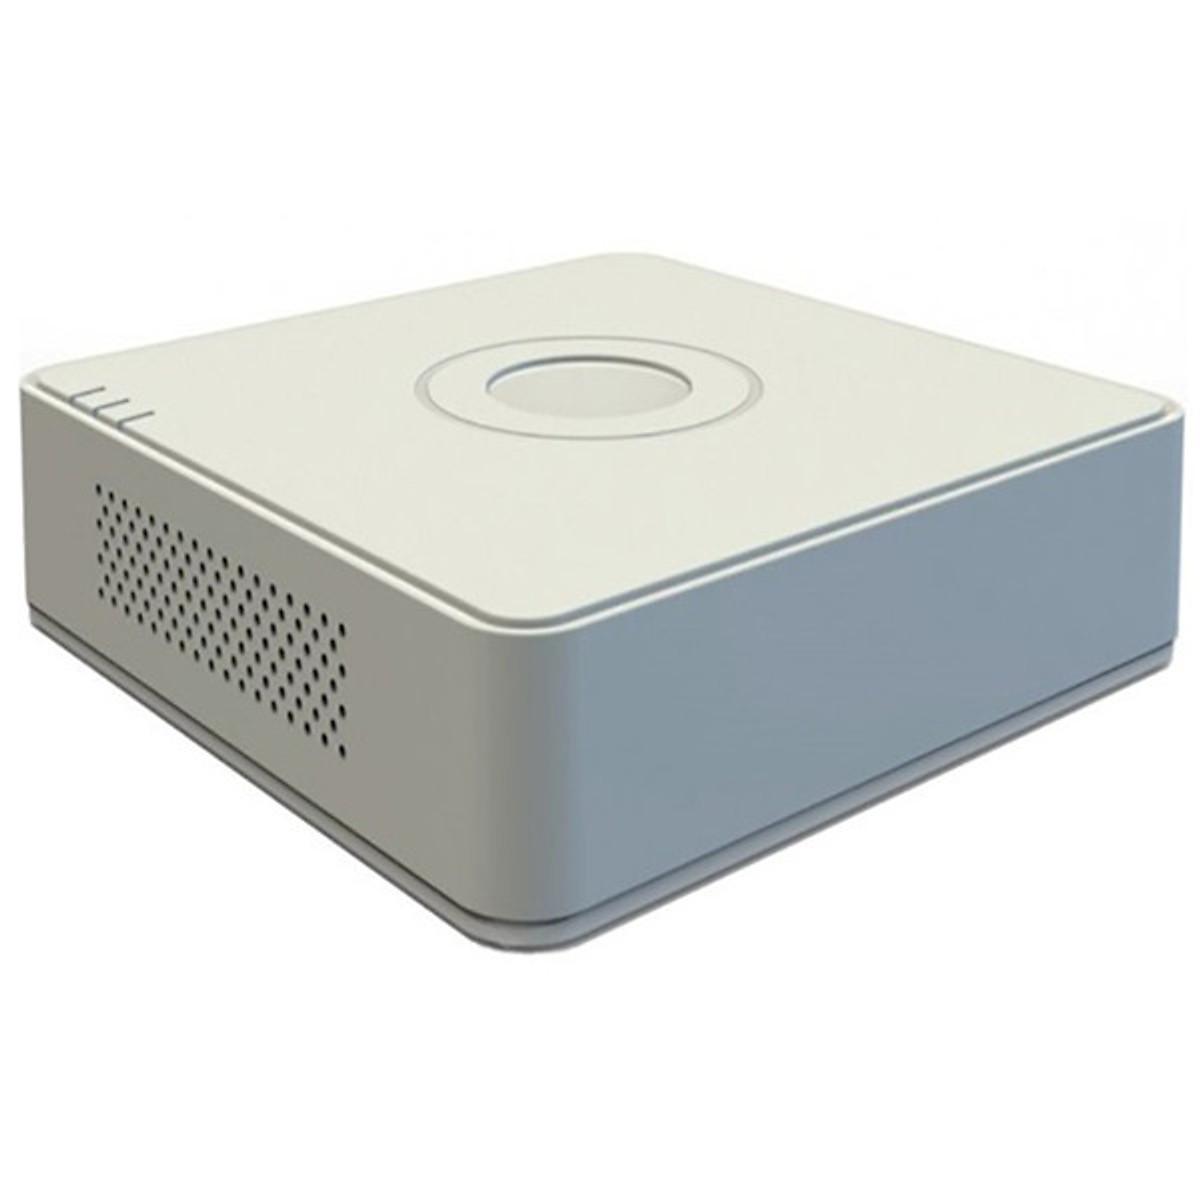 Đầu Ghi Hình HD 4MP 4 Kênh Chuẩn H.265 Pro+ HIKVISION DS-7104HQHI-K1 – Hàng Chính Hãng